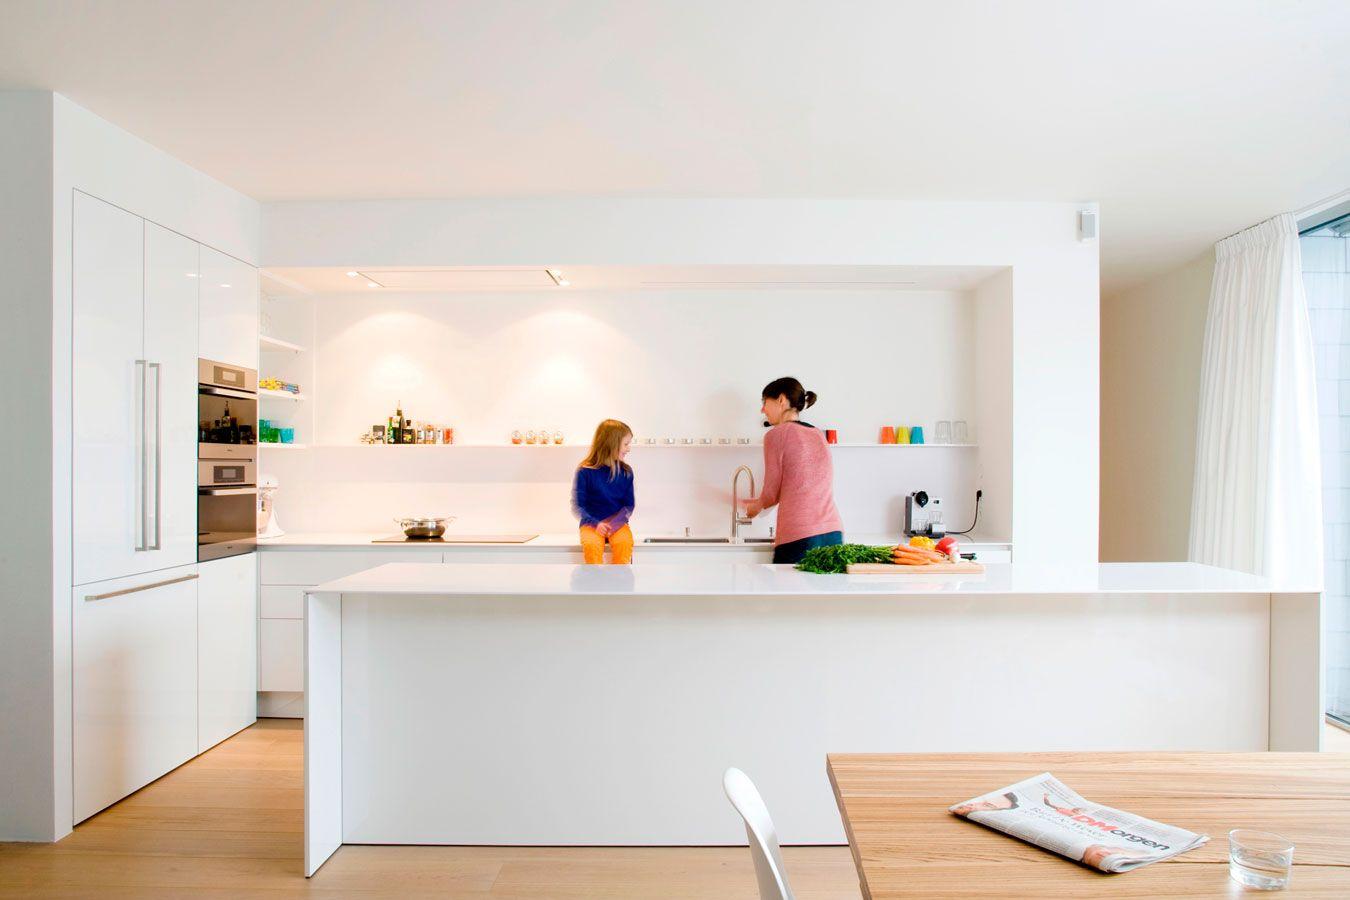 Luxury detail van werkbladdampkap en dun werkblad de keukenarchitecten antwerpen de keukenarchitecten eigen realisaties Pinterest Interiors